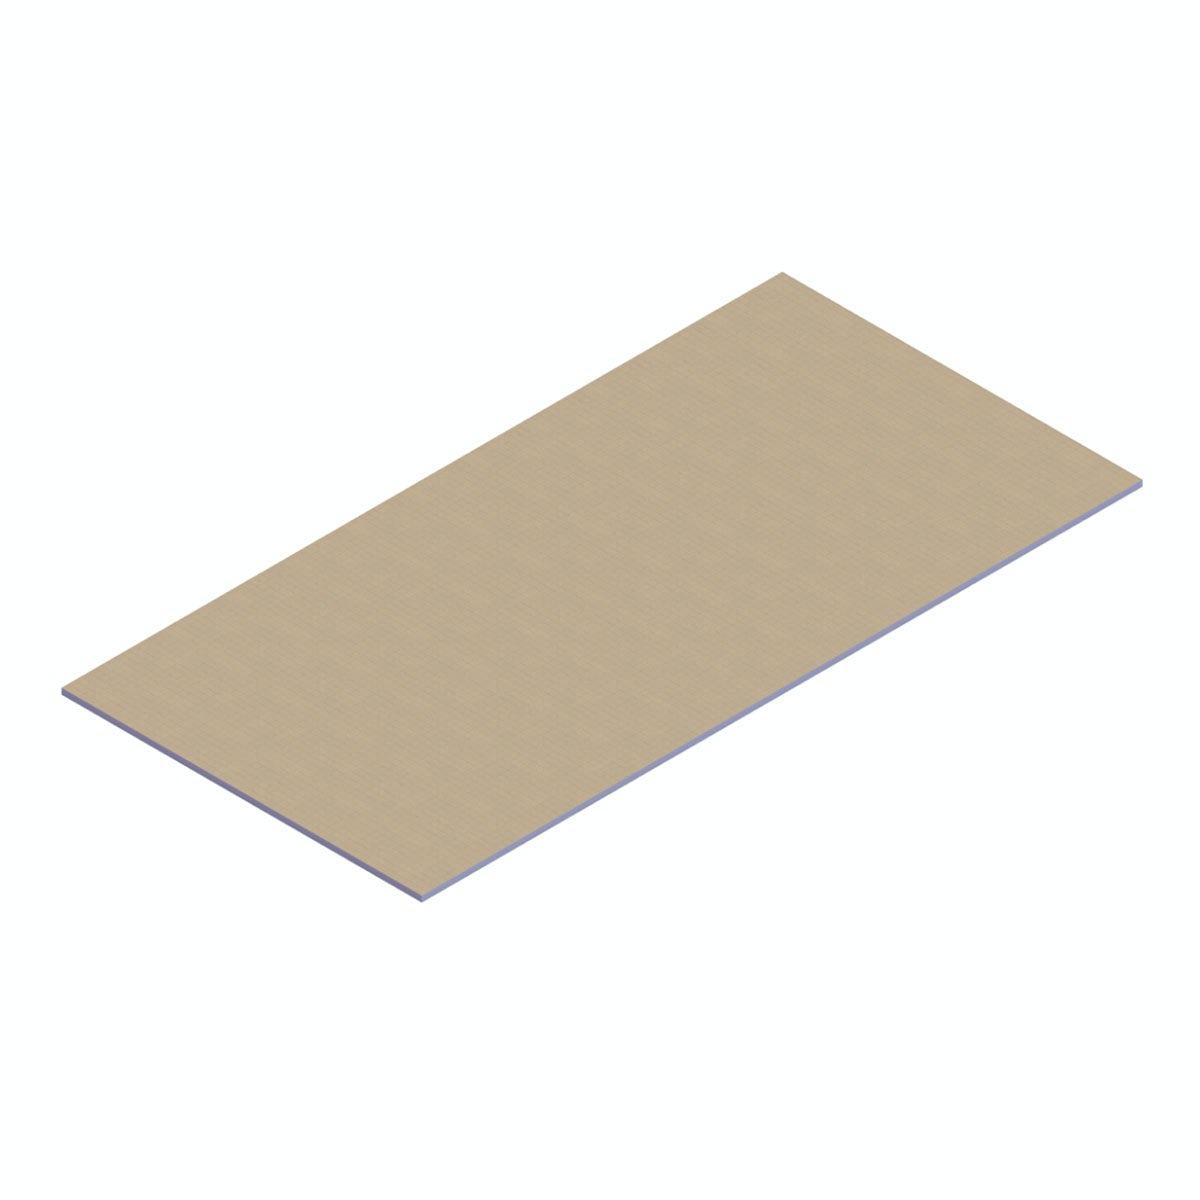 Waterproof Tile Backer Board 10mm